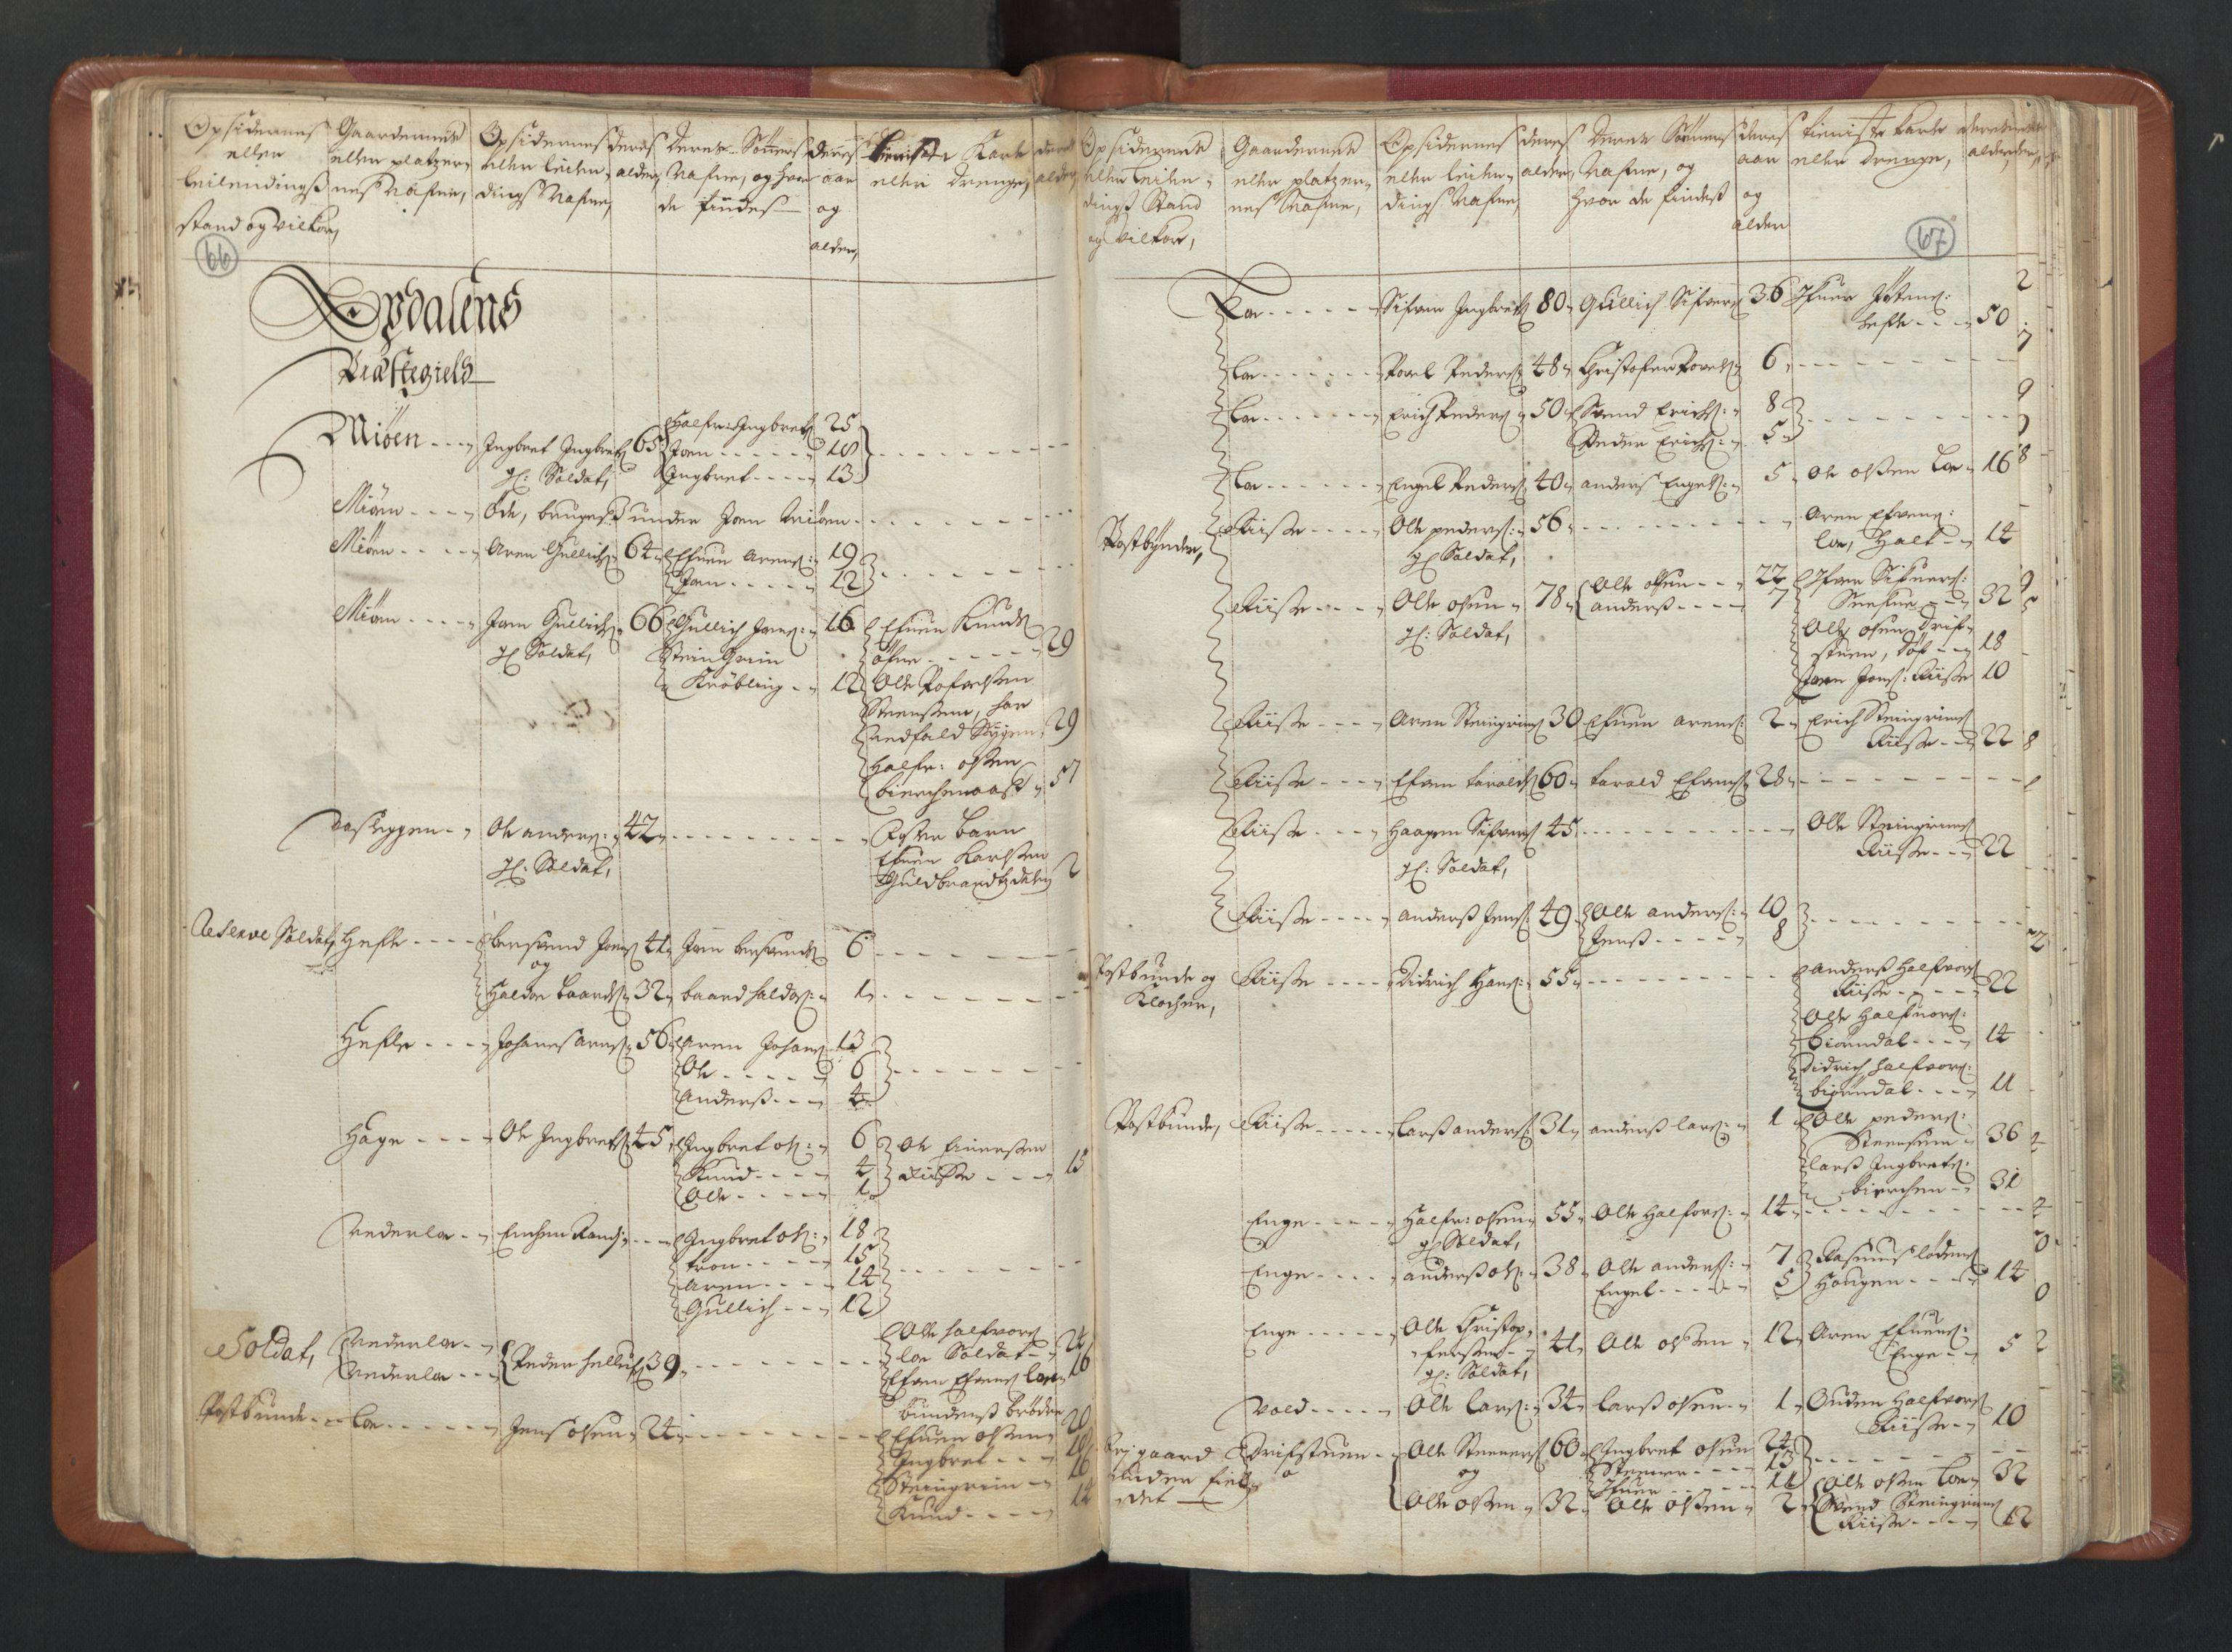 RA, Manntallet 1701, nr. 13: Orkdal fogderi og Gauldal fogderi med Røros kobberverk, 1701, s. 66-67